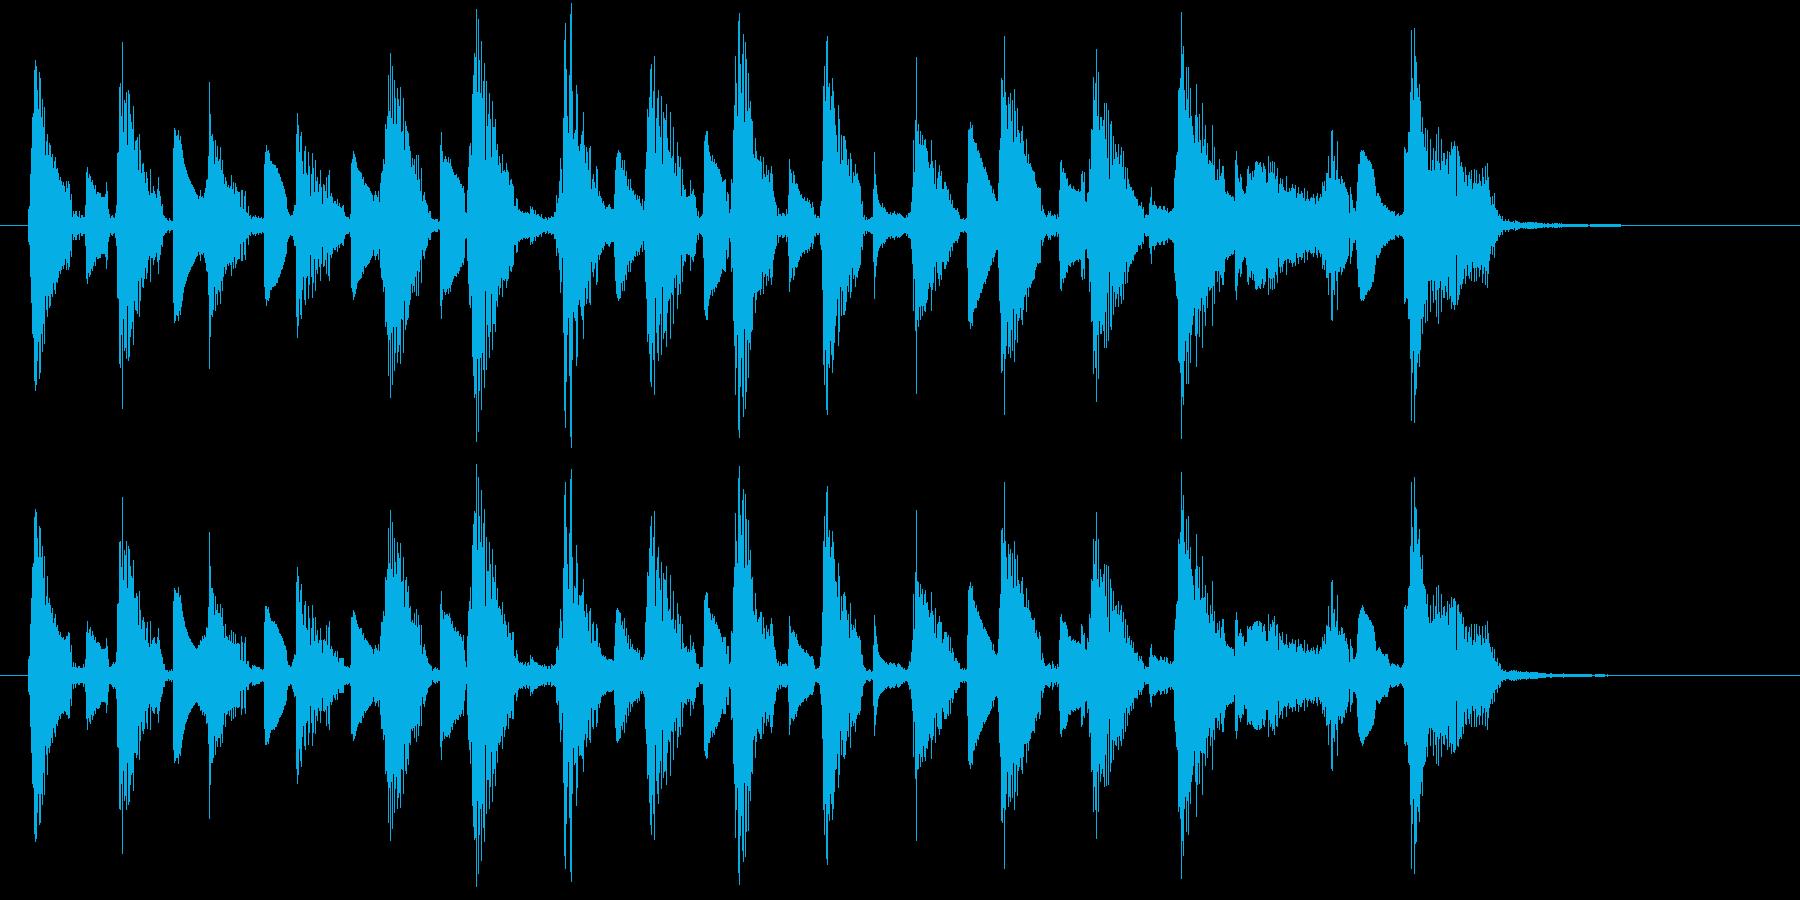 ウクレレ2本(短いフレーズ系)の再生済みの波形